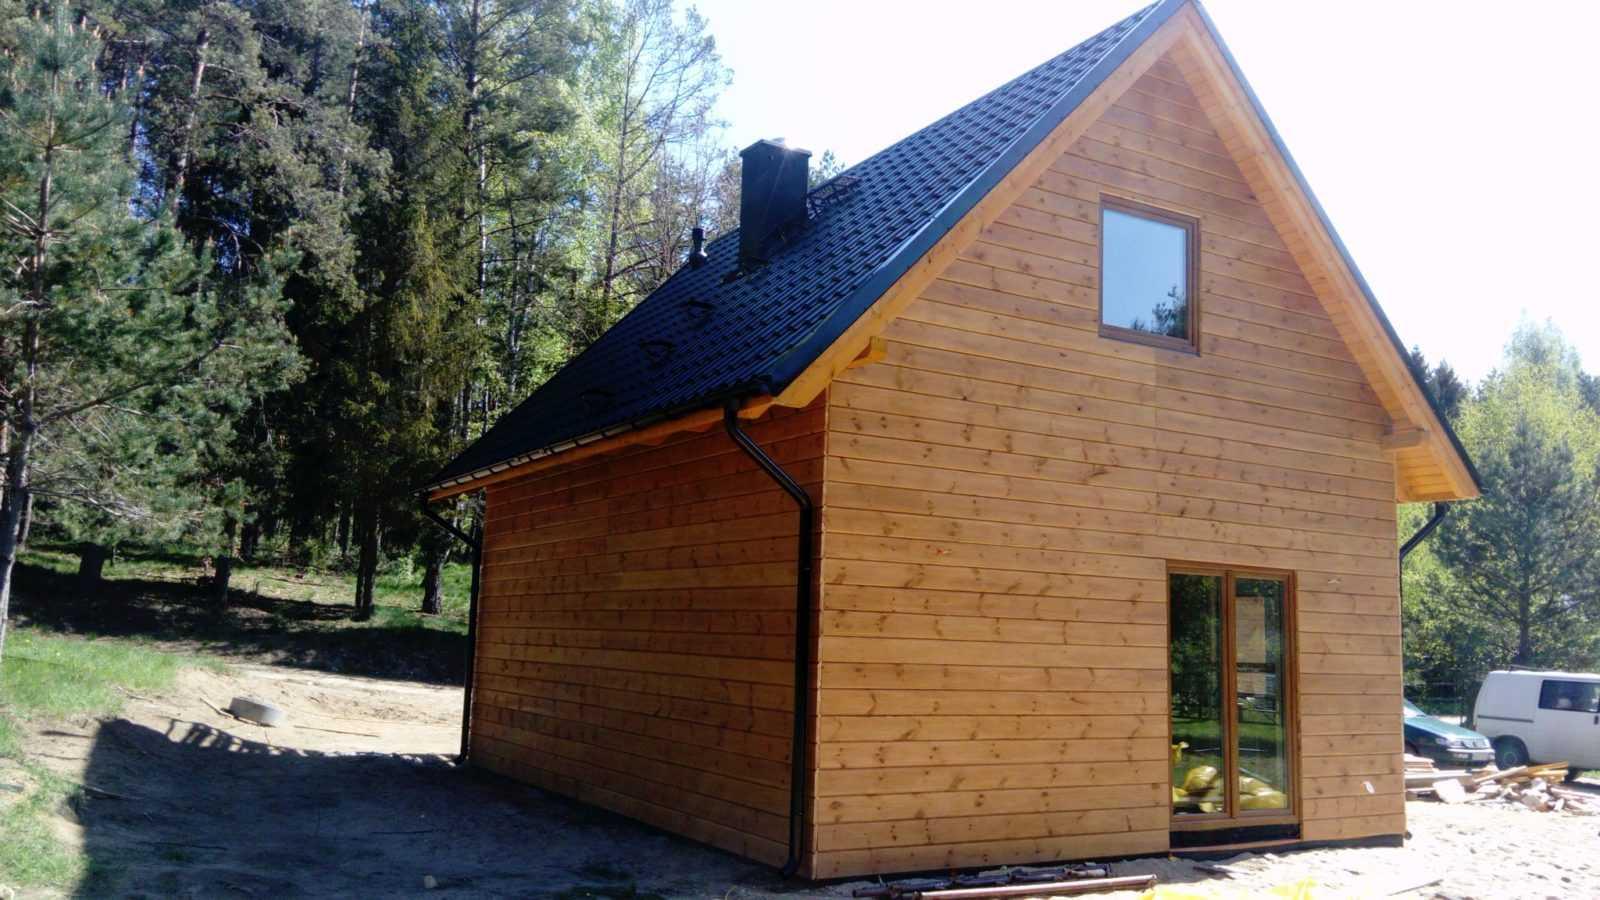 domy drewniane szeregowe energooszczedne pasywne domy gora (6)